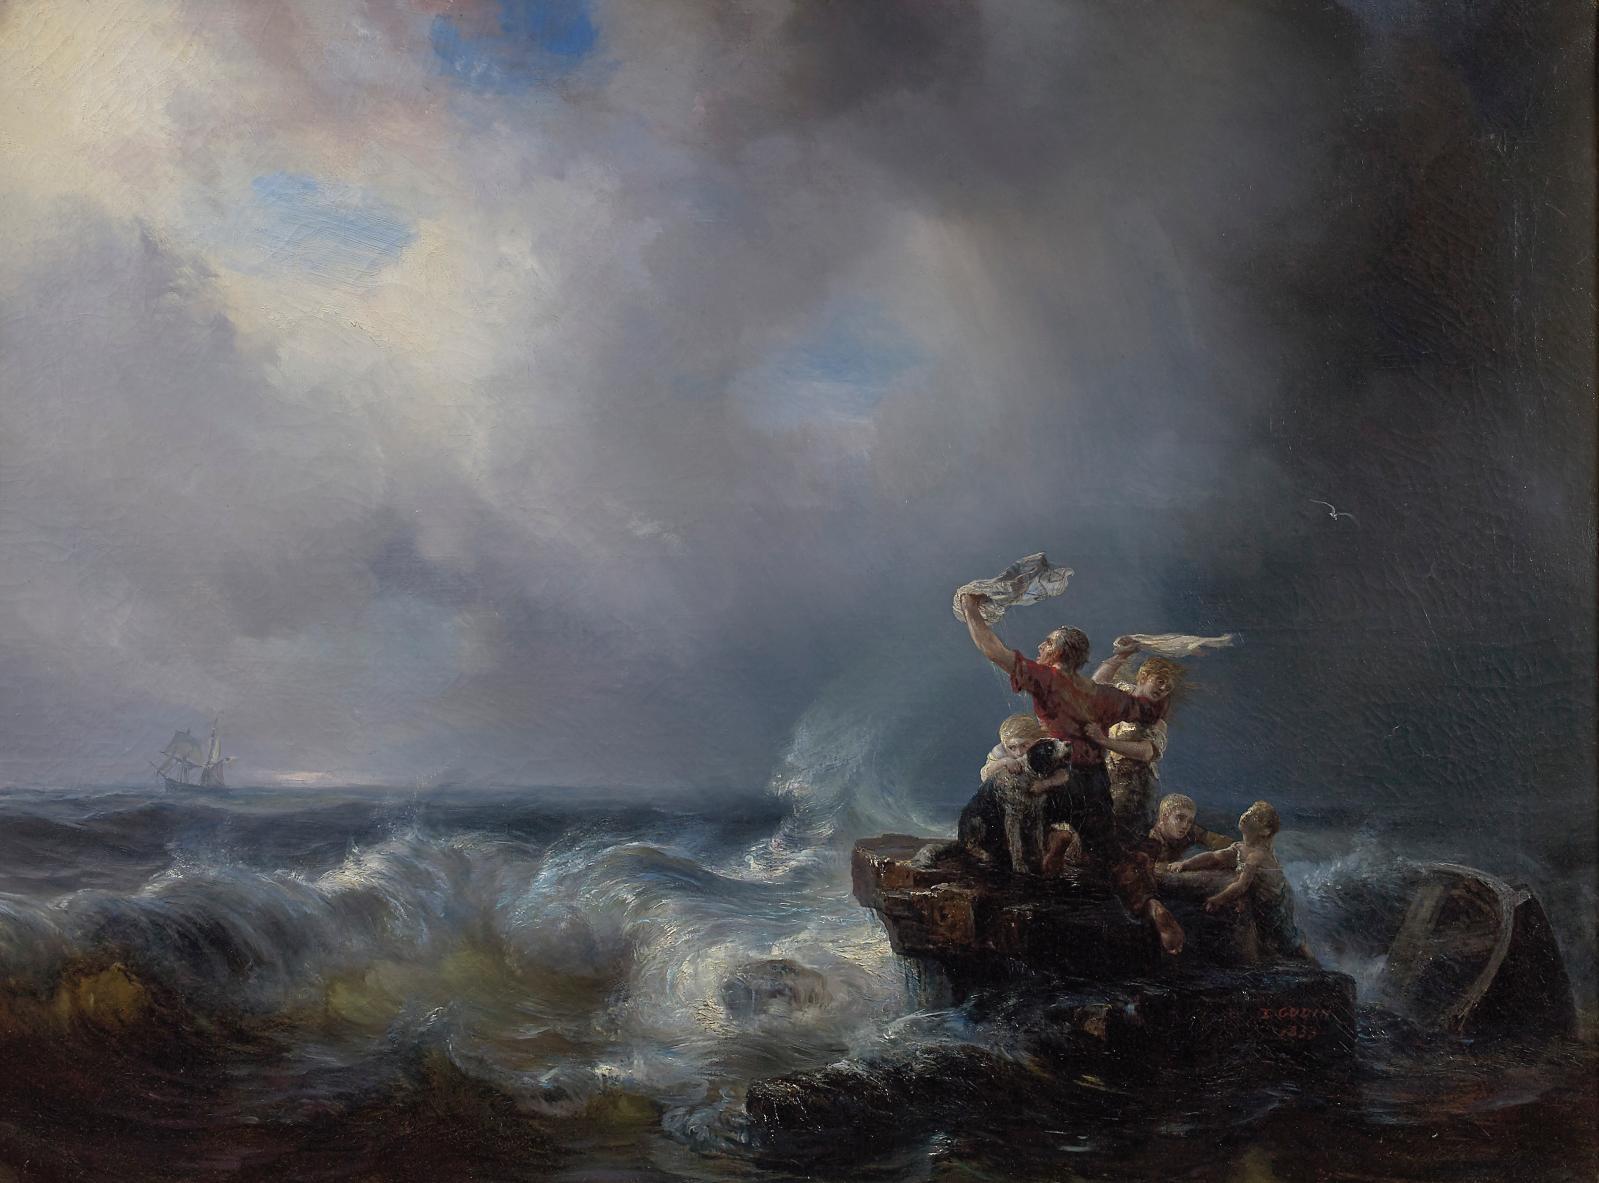 Théodore Gudin (1802-1880), Les Rescapés, 1853, huile sur toile, 101x135,5cm. Paris, Drouot, 17 juin 2016. Millon OVV. Adjugé: 19342